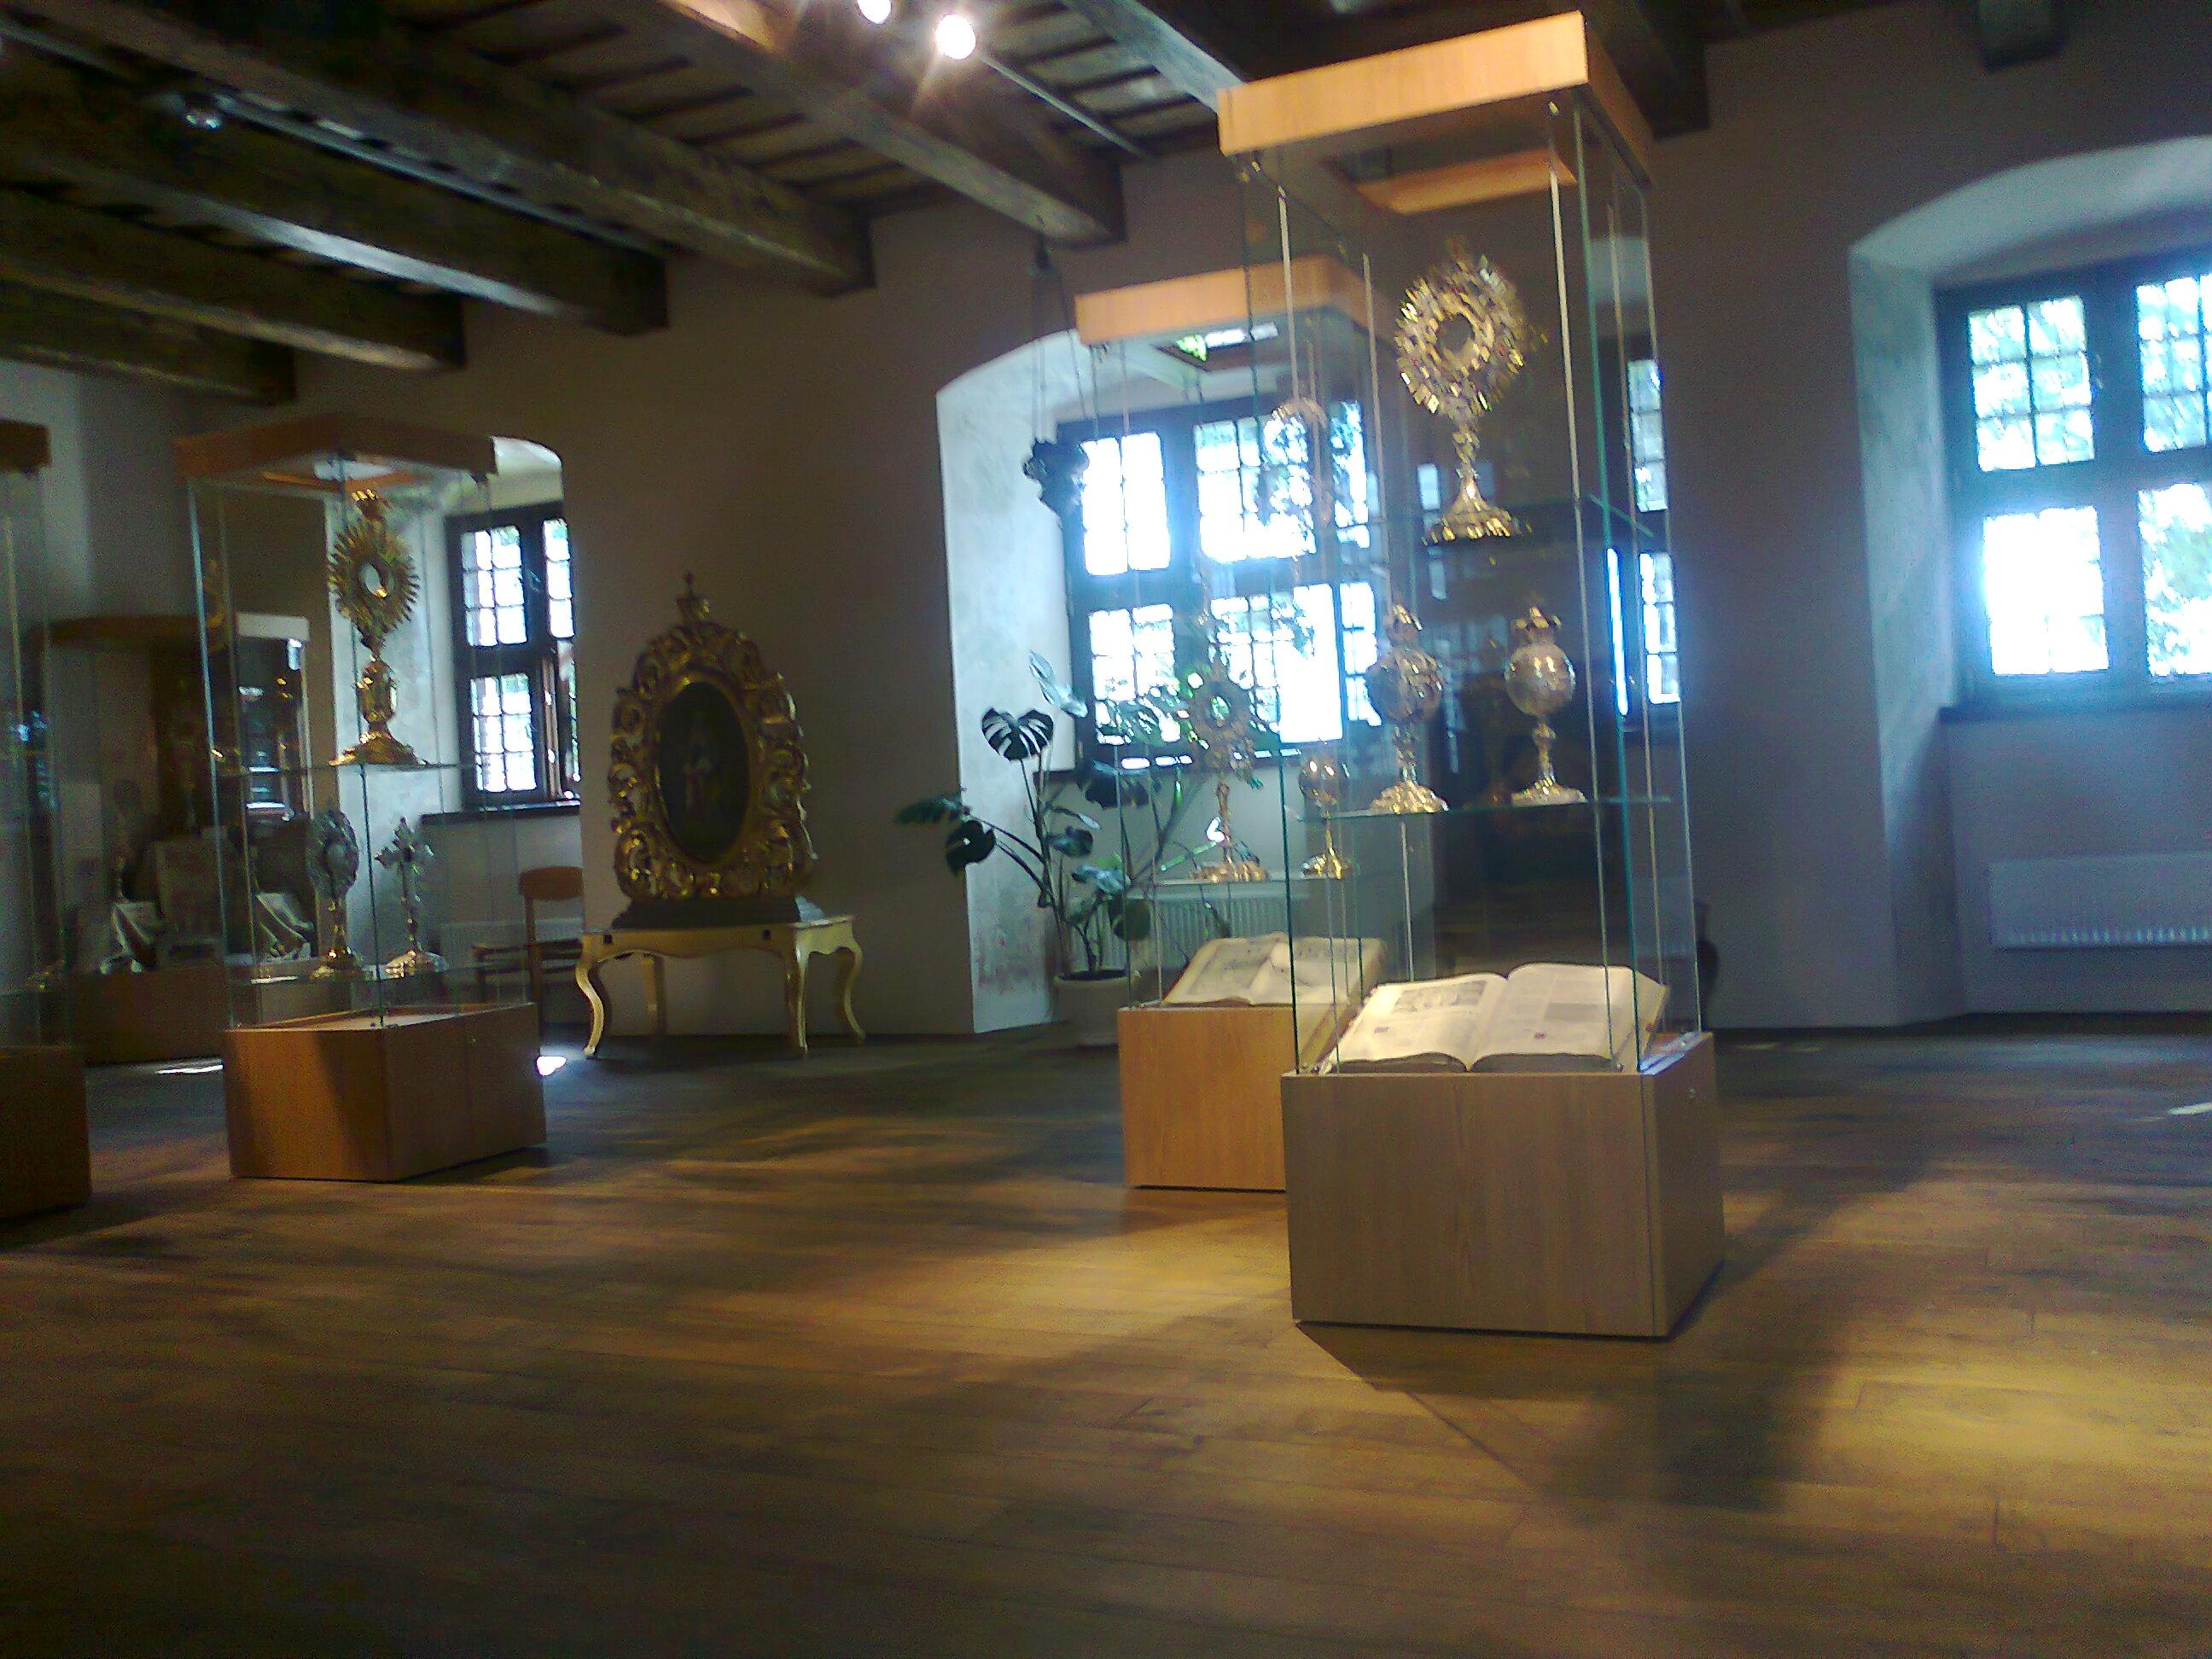 Jei ne gaisras, muziejus galėjo plėstis ir tapti vertu eksponatų, suvežtų iš visos Lietuvos